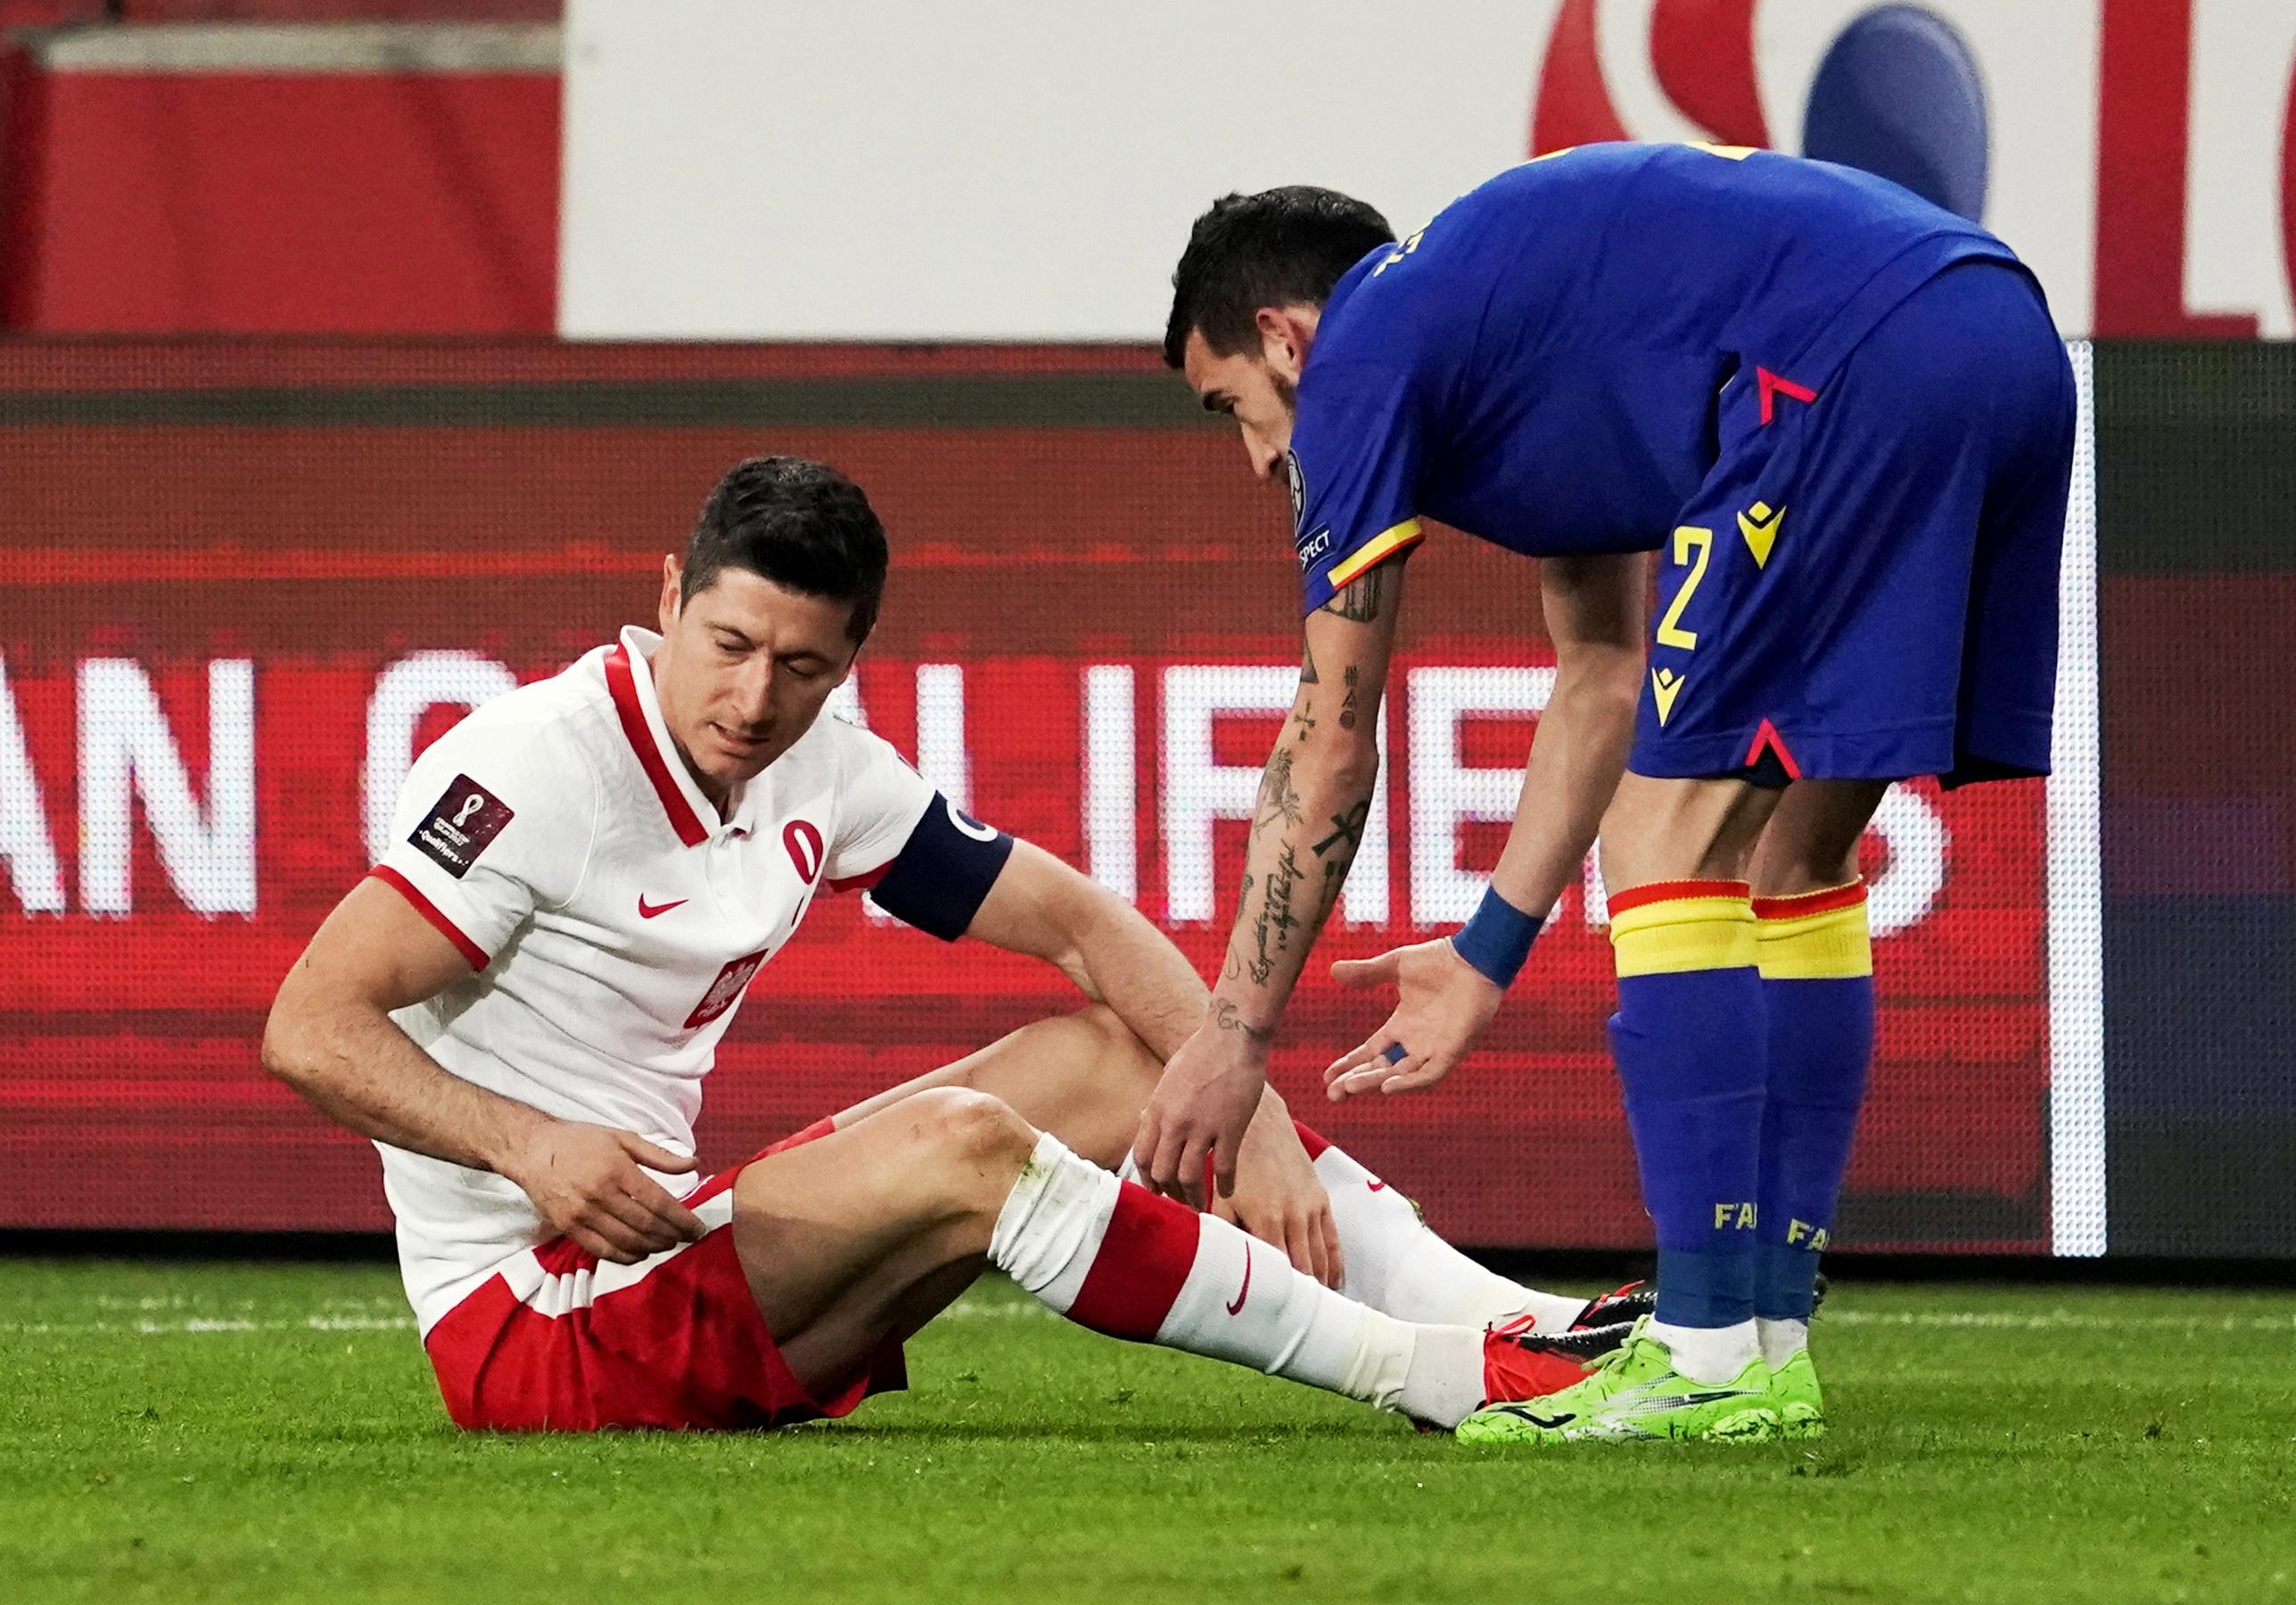 Lewandowski bỏ lỡ cả hai trận đấu với PSG vì chấn thương đầu gối